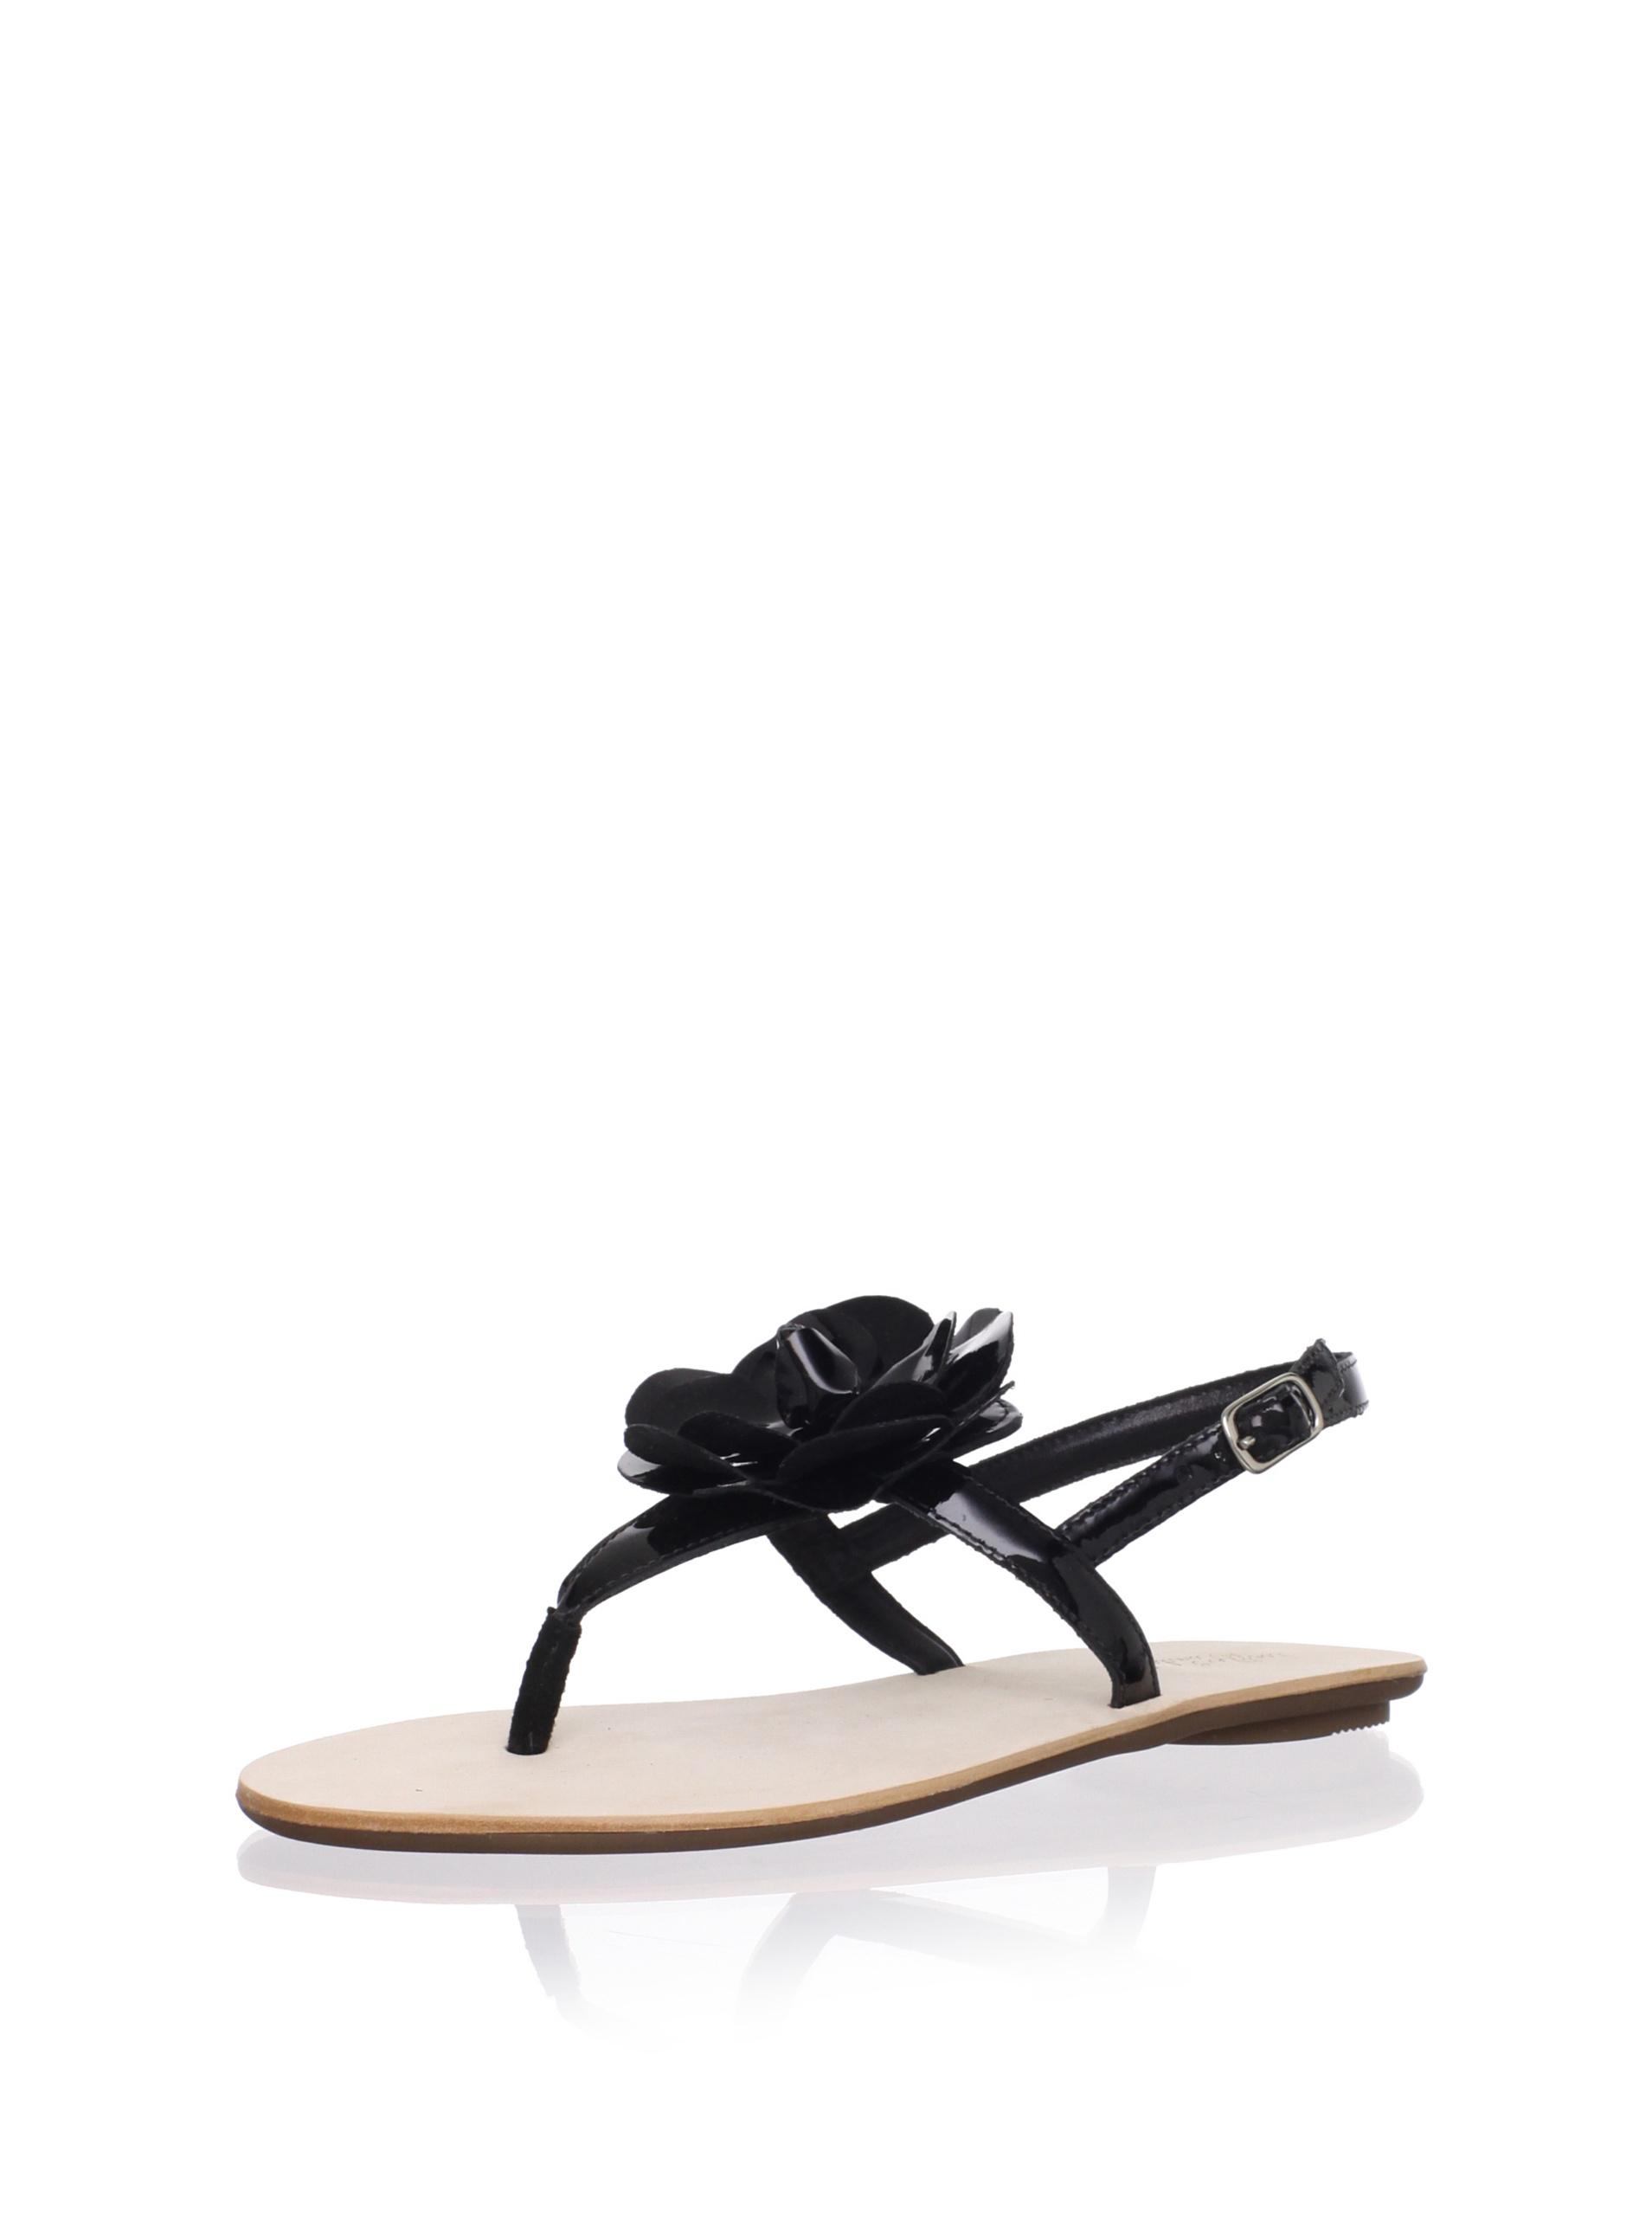 Loeffler Randall Women's Serafina Sandal (Black Patent)